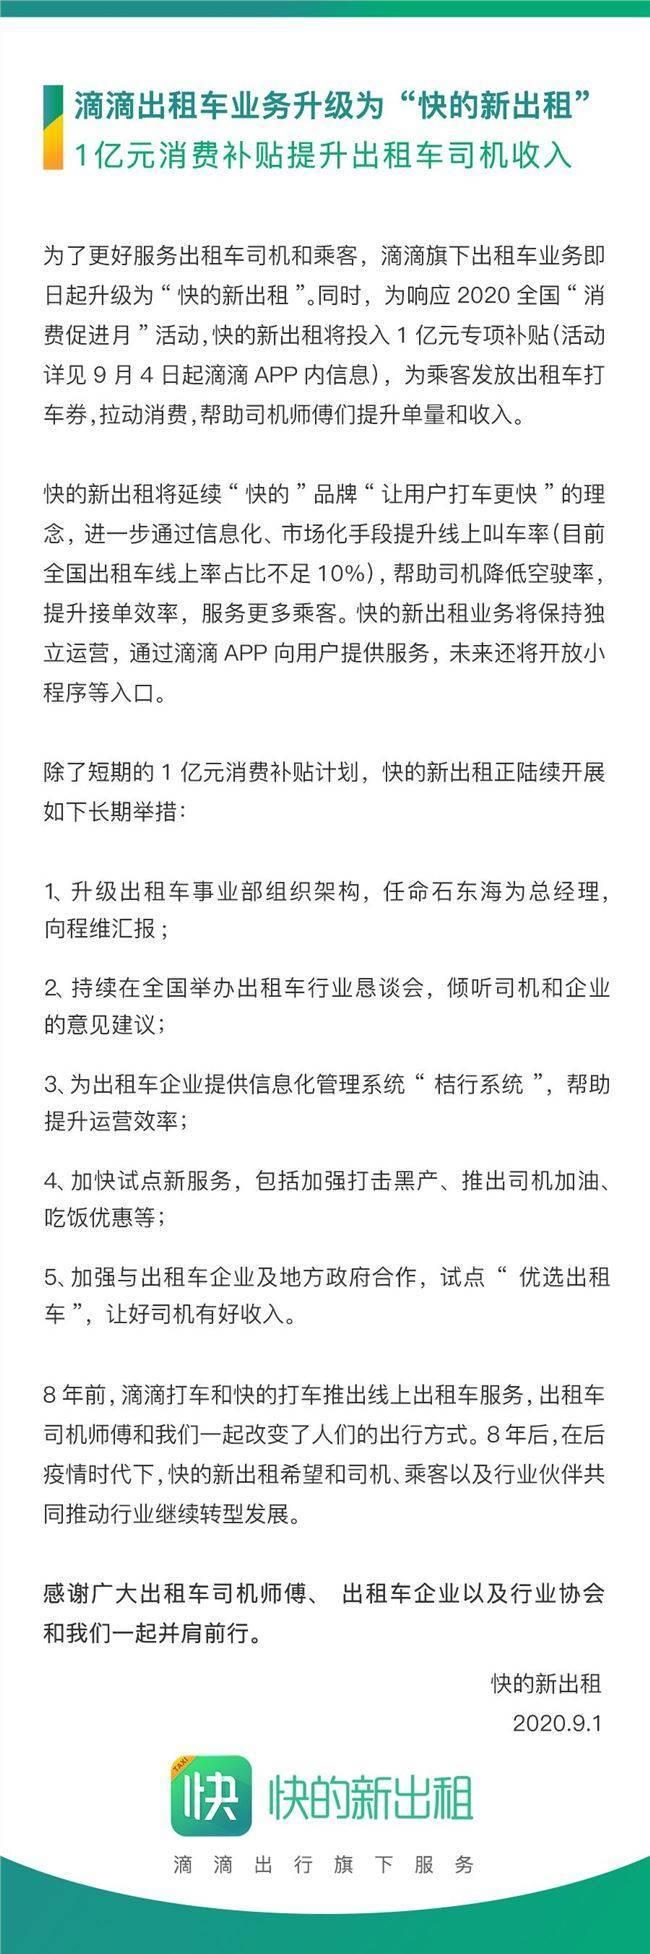 """滴滴宣布旗下出租车业务升级为""""快的新出租"""""""